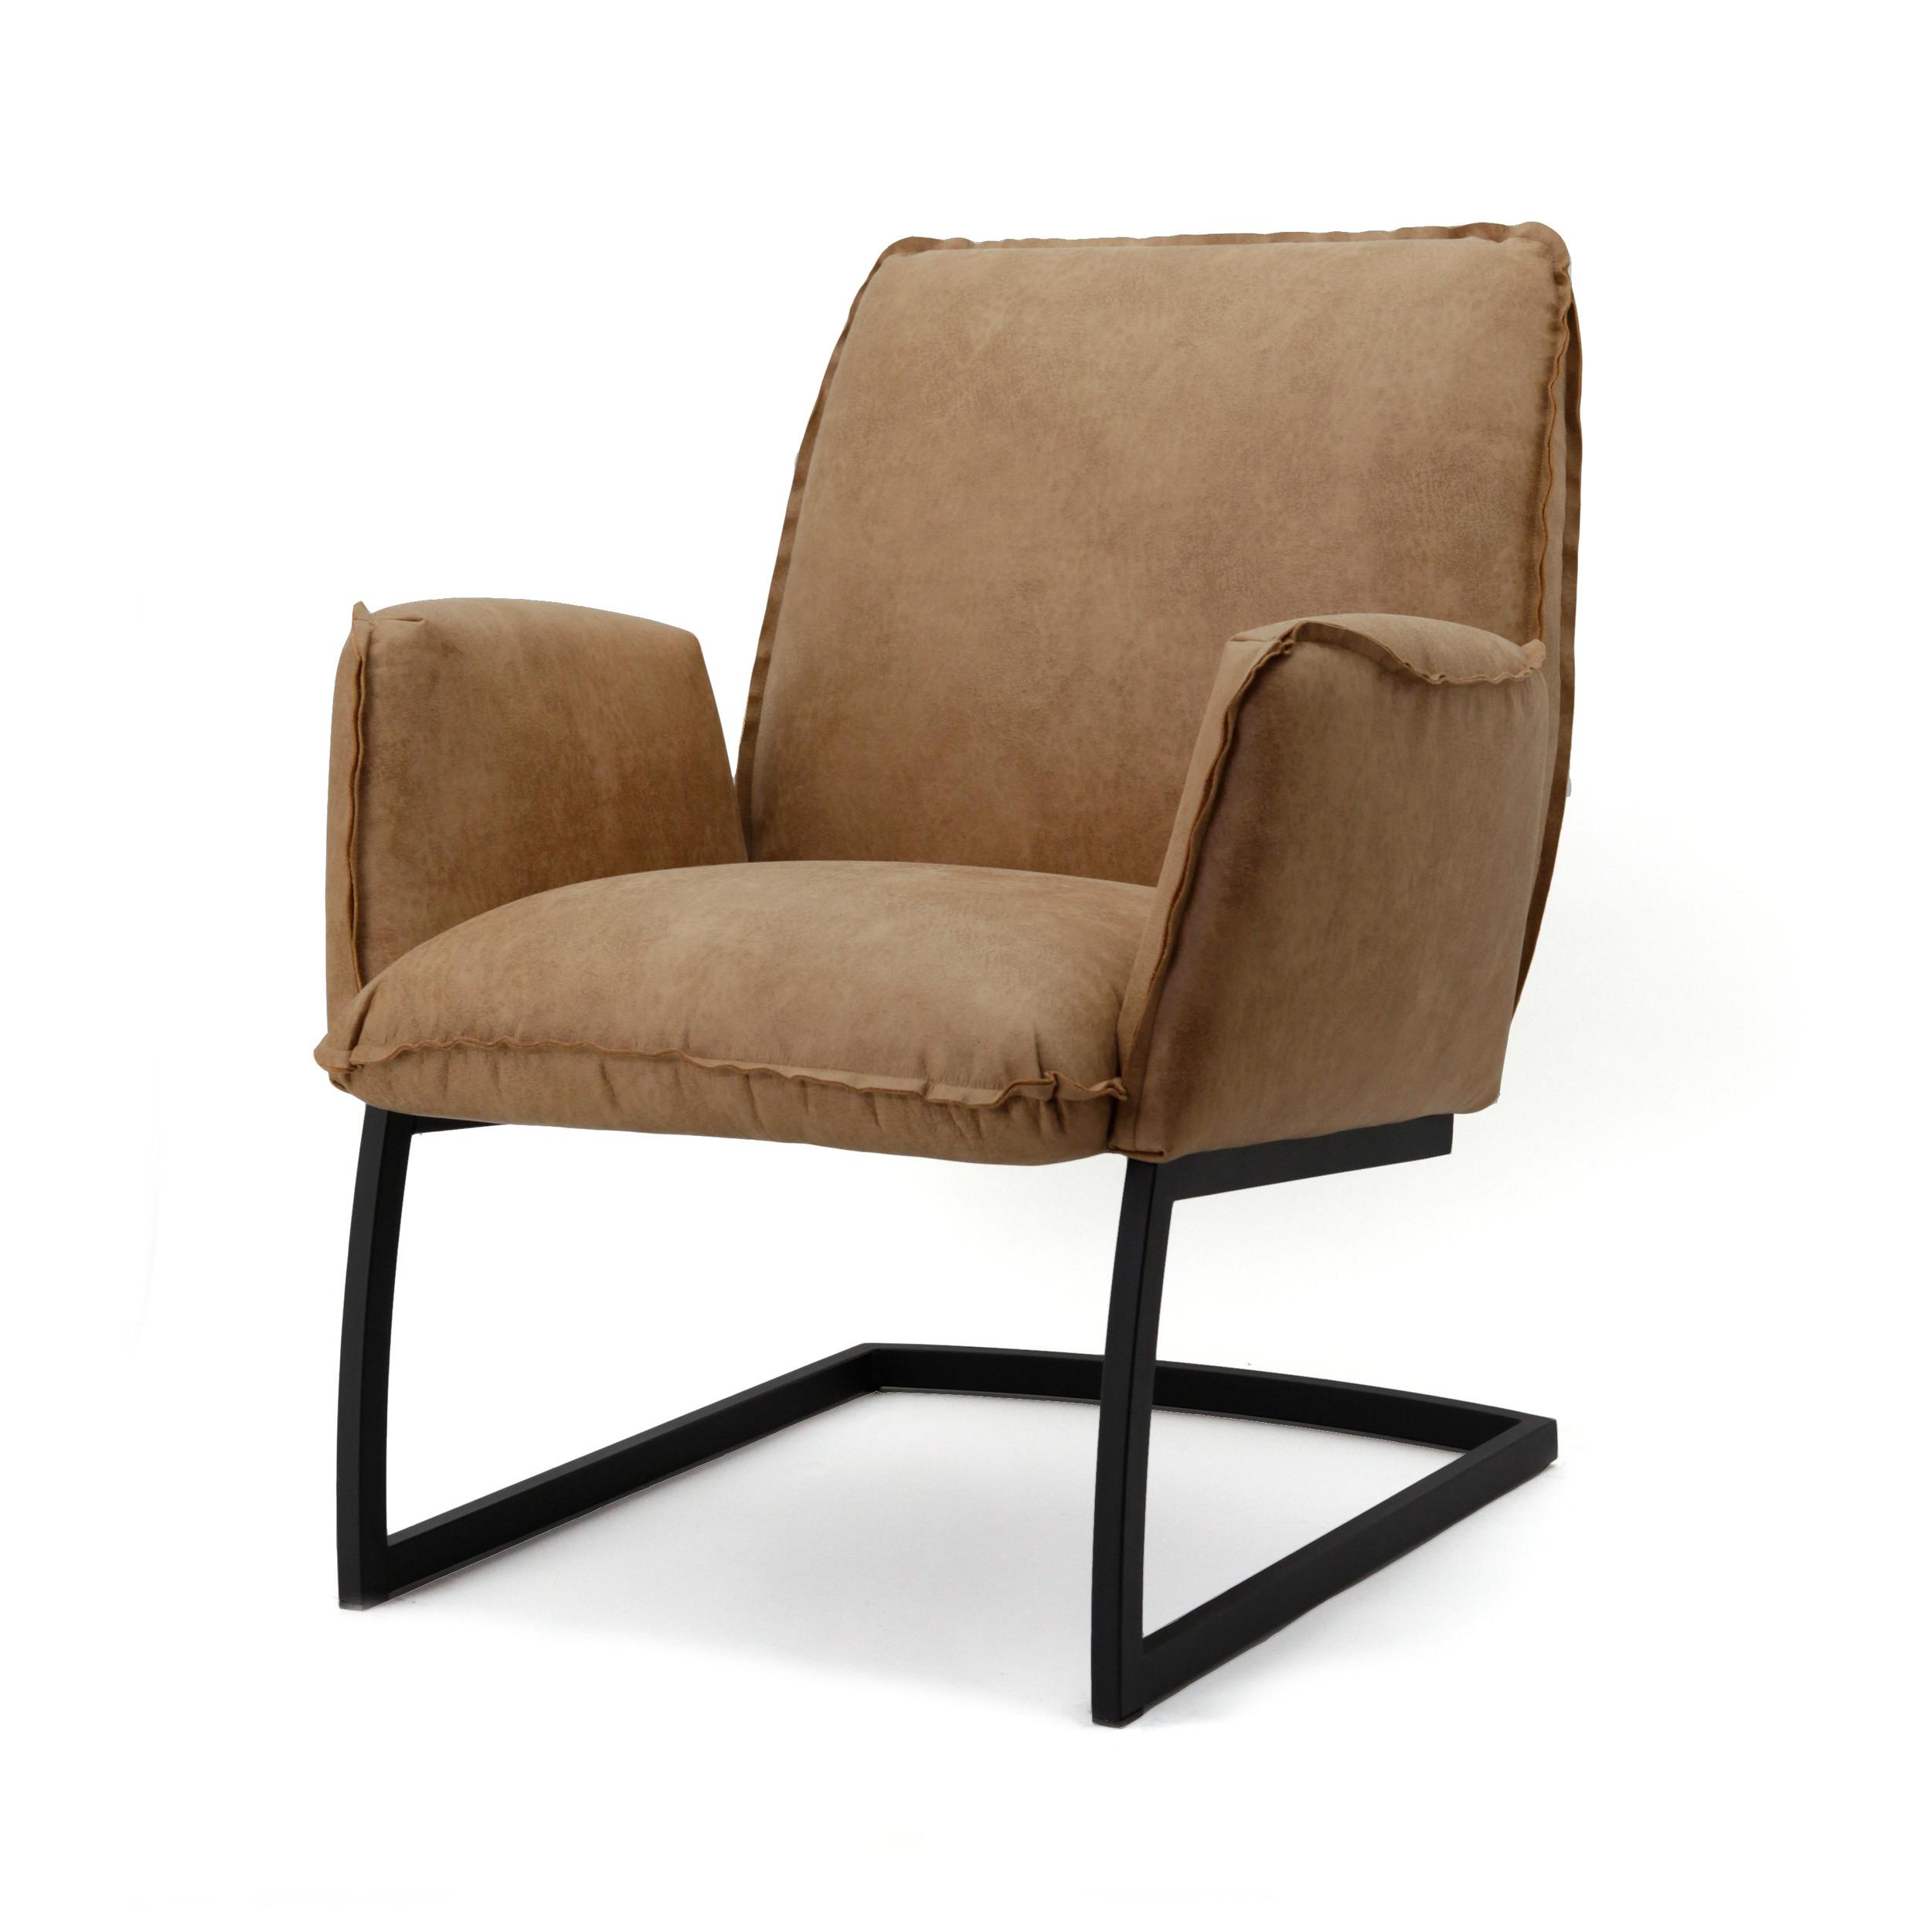 Uw partner in meubels: Fauteuil 'Nelson' Eco leder met metaal, kleur cognac Zitmeubelen | Fauteuils